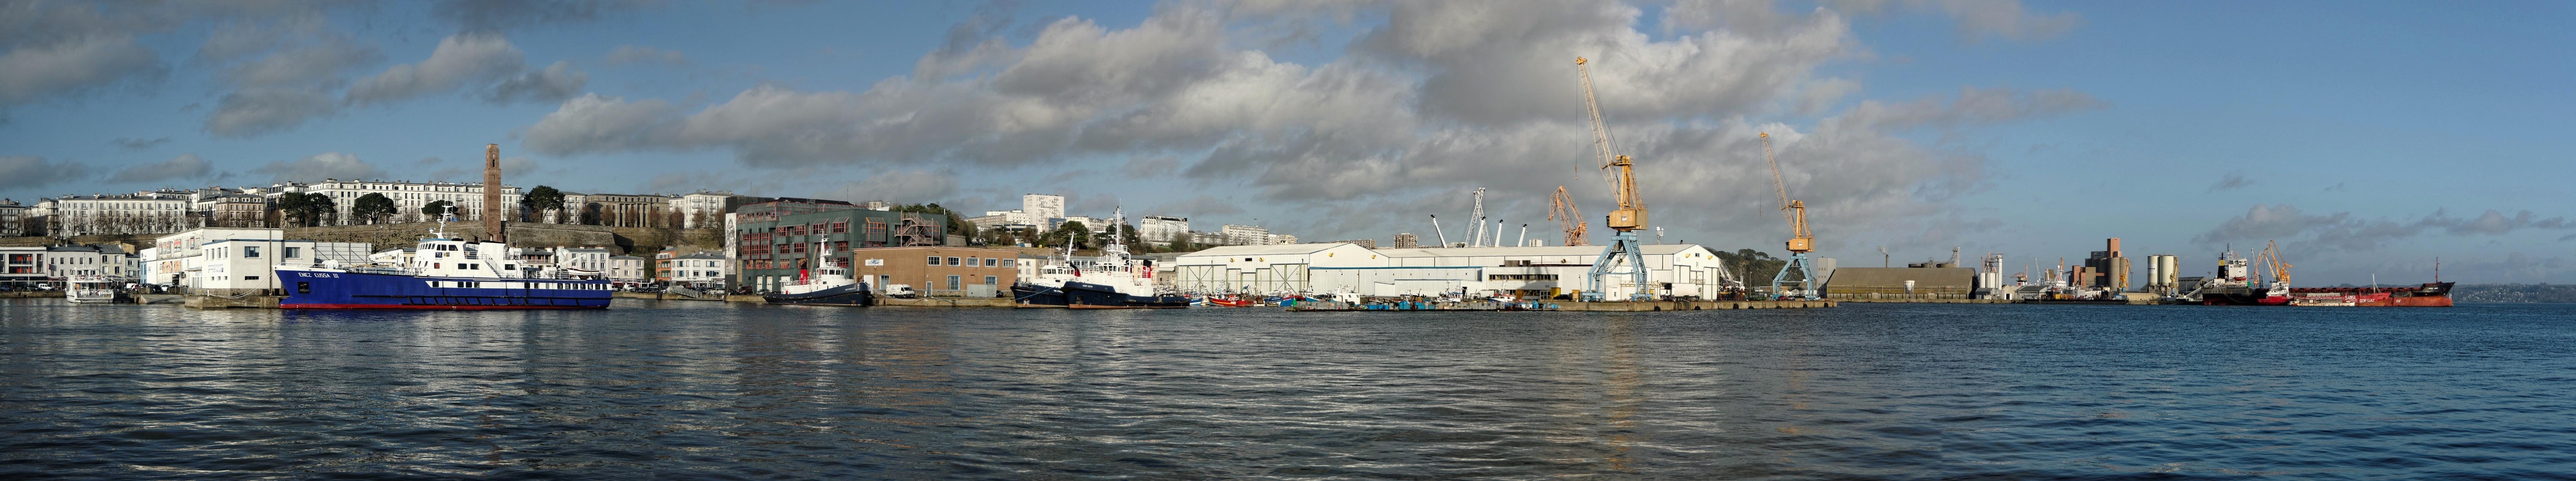 Panorama au port de brest la tribu d 39 anaximandre des photos au fil des jours de dani le - Restaurant port de commerce brest ...